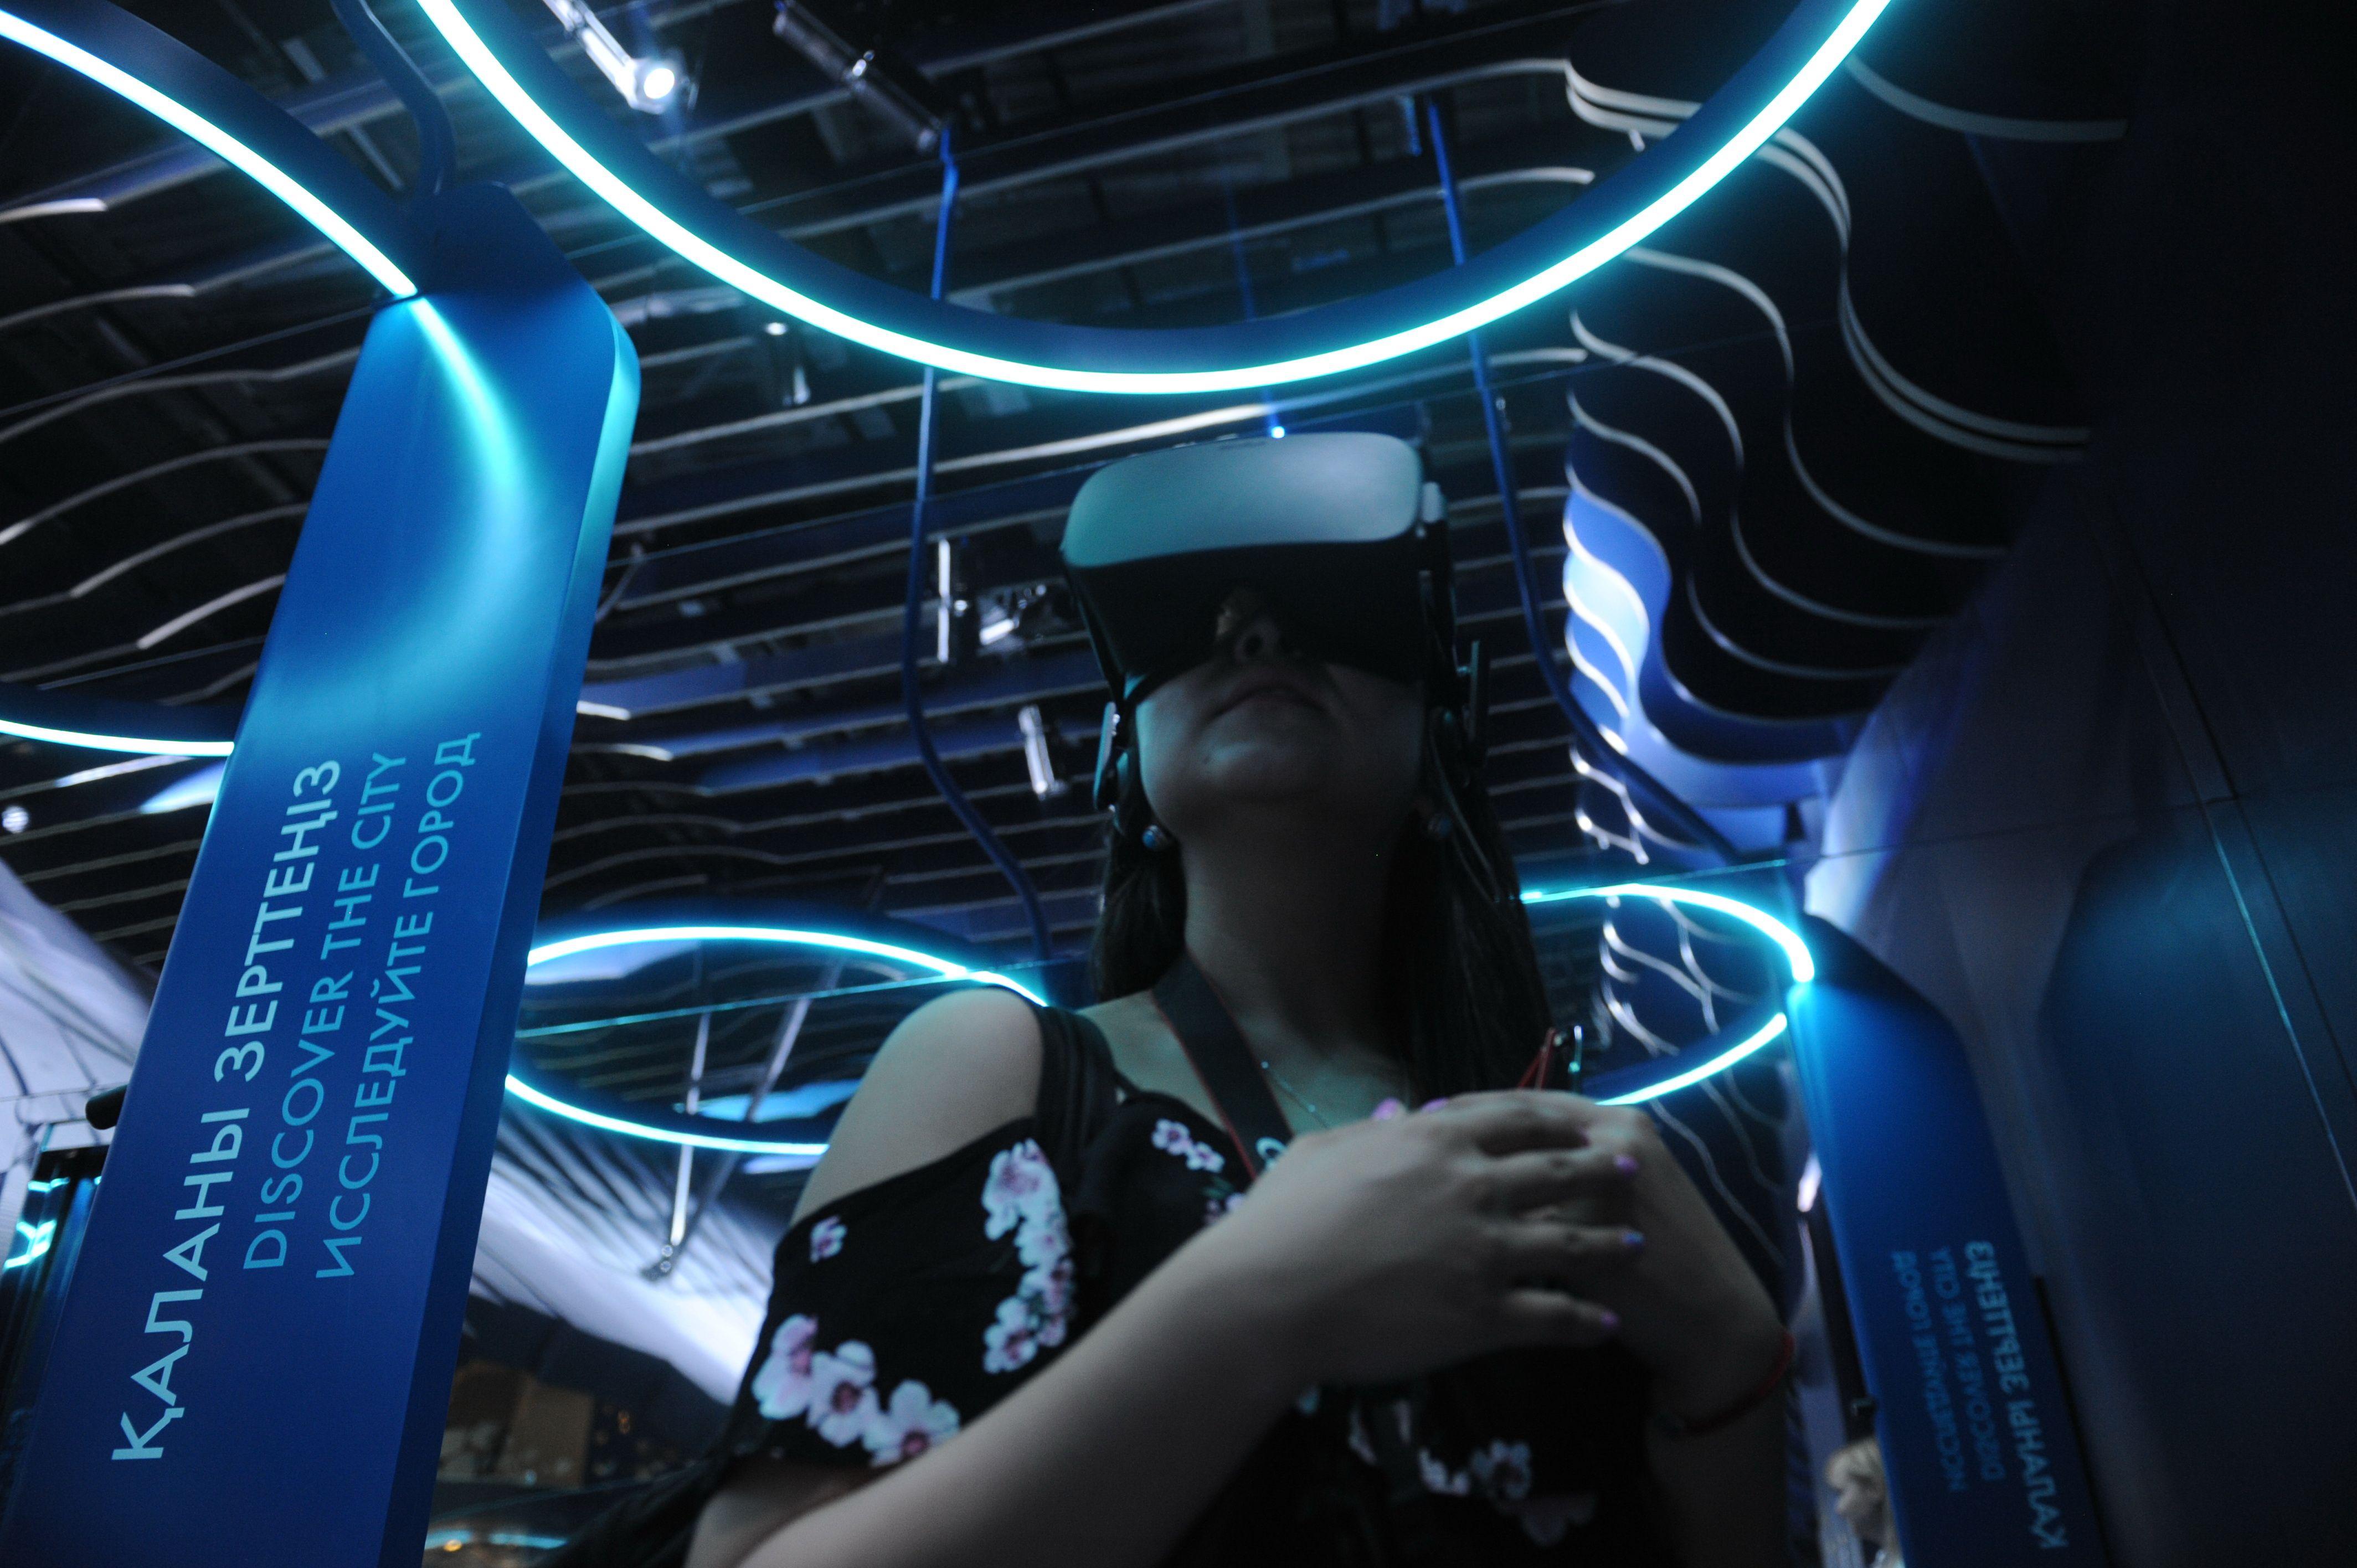 ЭКСПО-2017: какие технологии будет использовать Казахстан- Kapital.kz